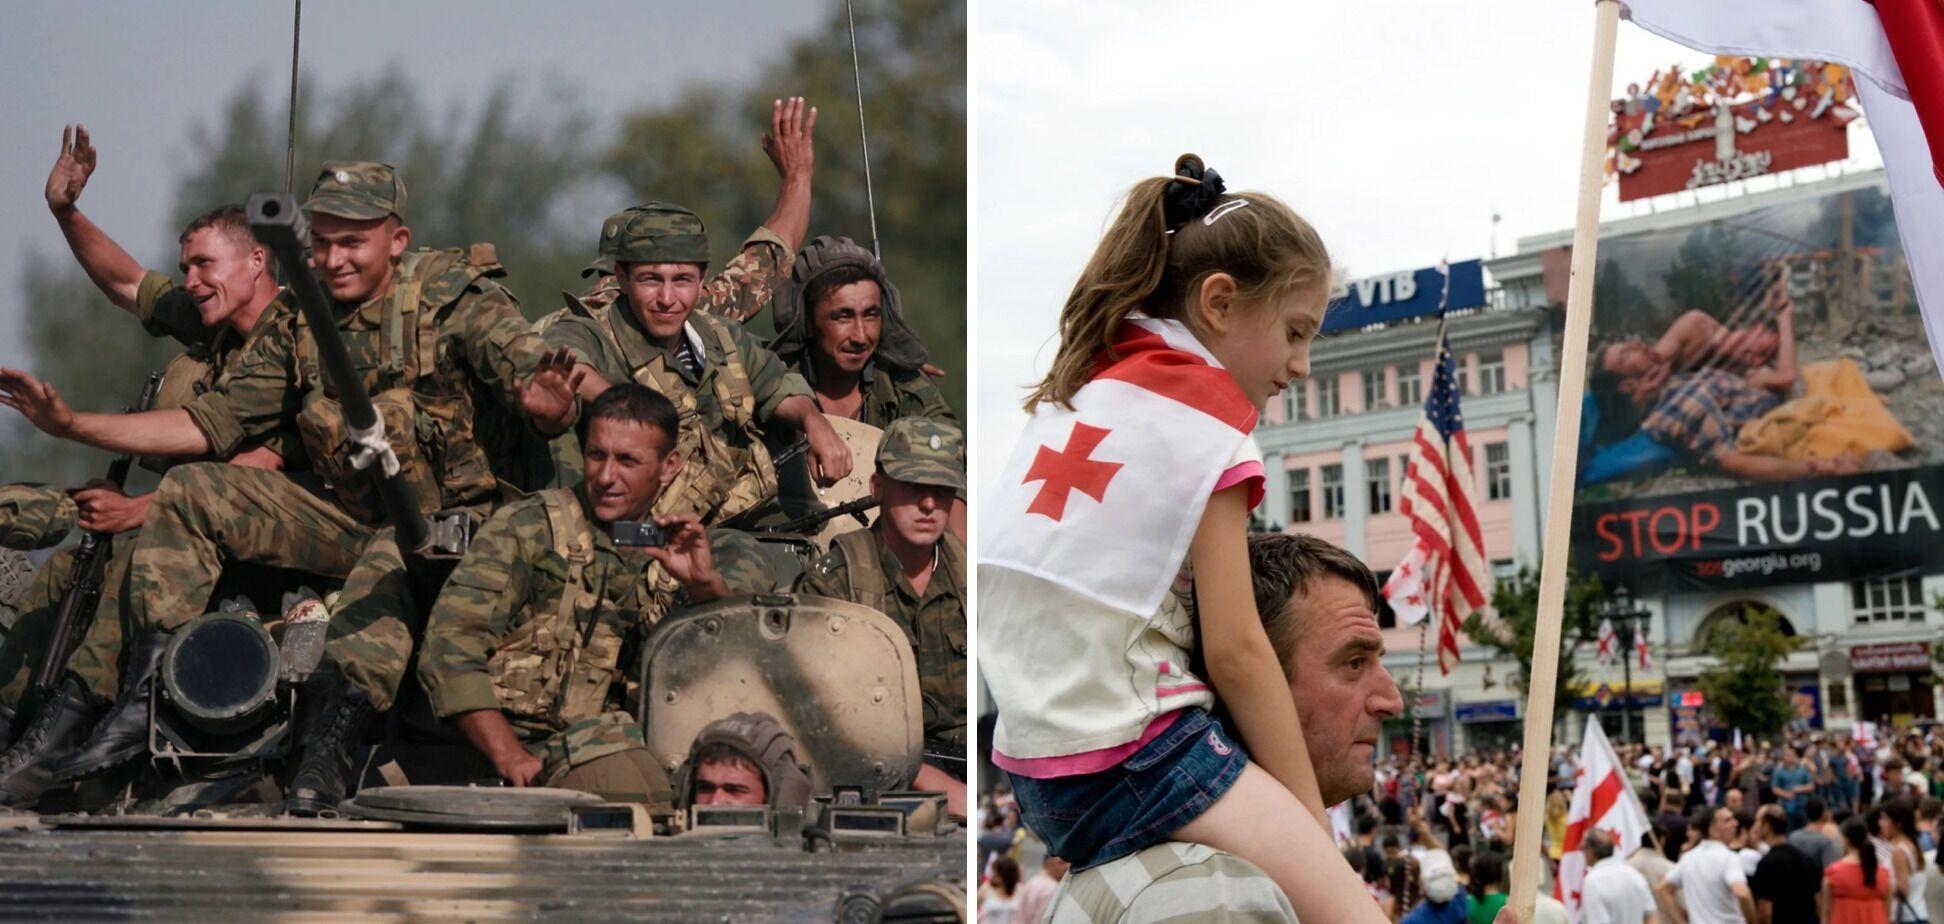 Грузины смогли на международном уровне добиться, чтобы российскую сторону признали виновной в оккупации